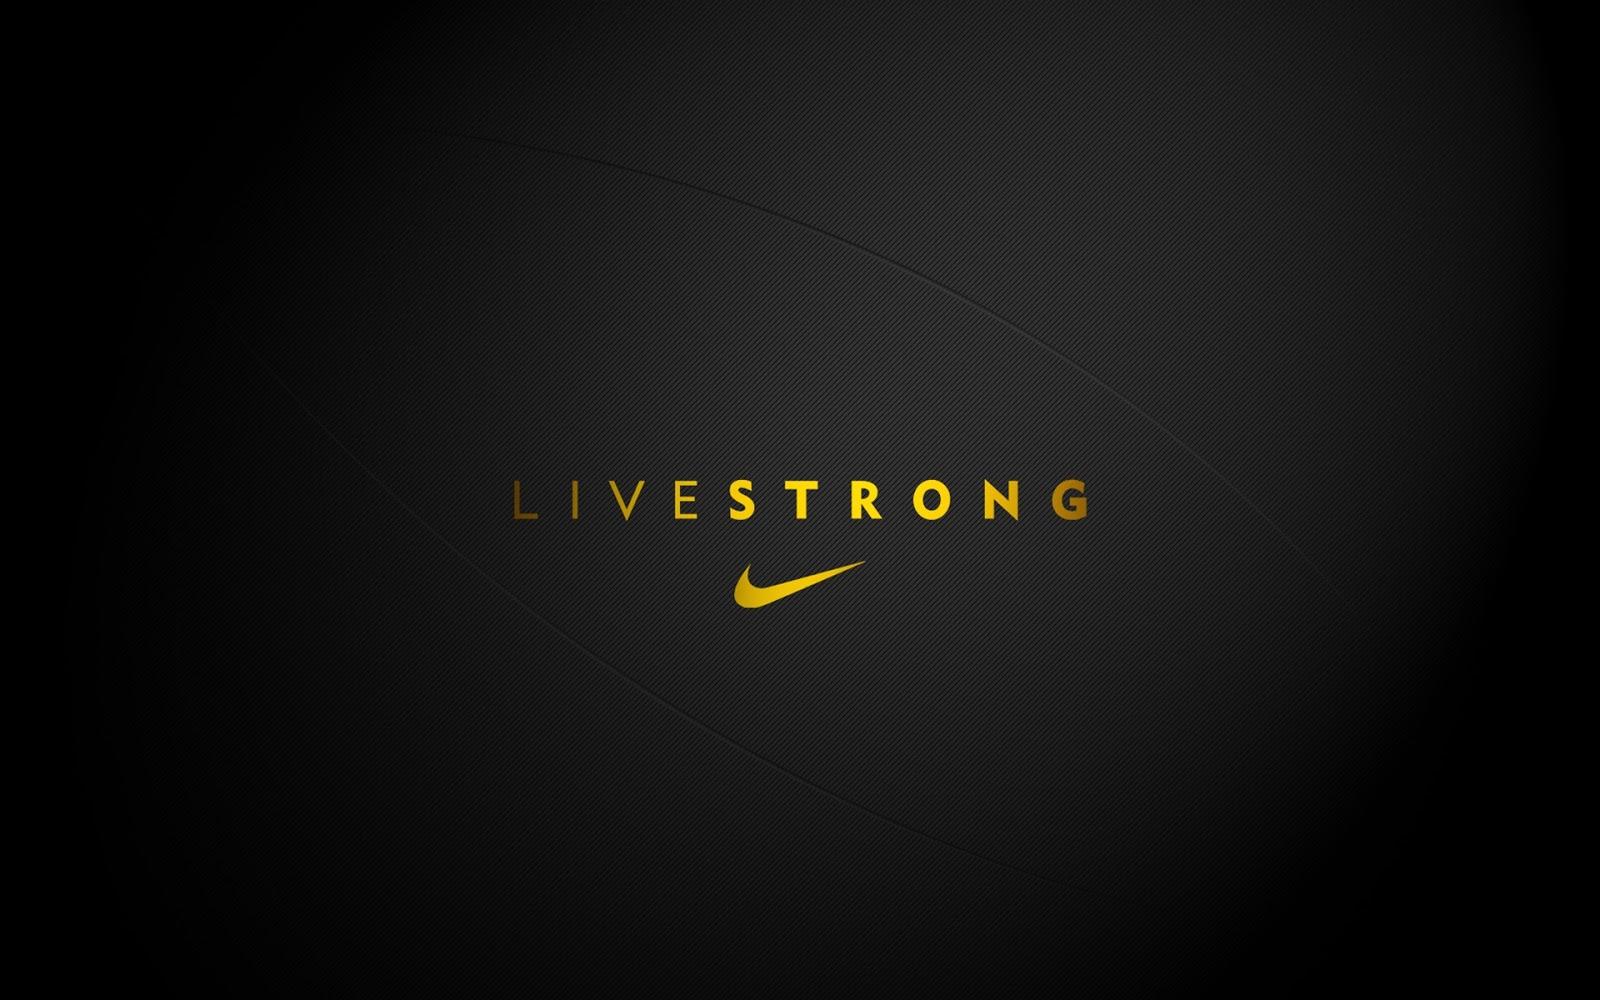 Nike HD Wallpaper 1080p 1600x1000